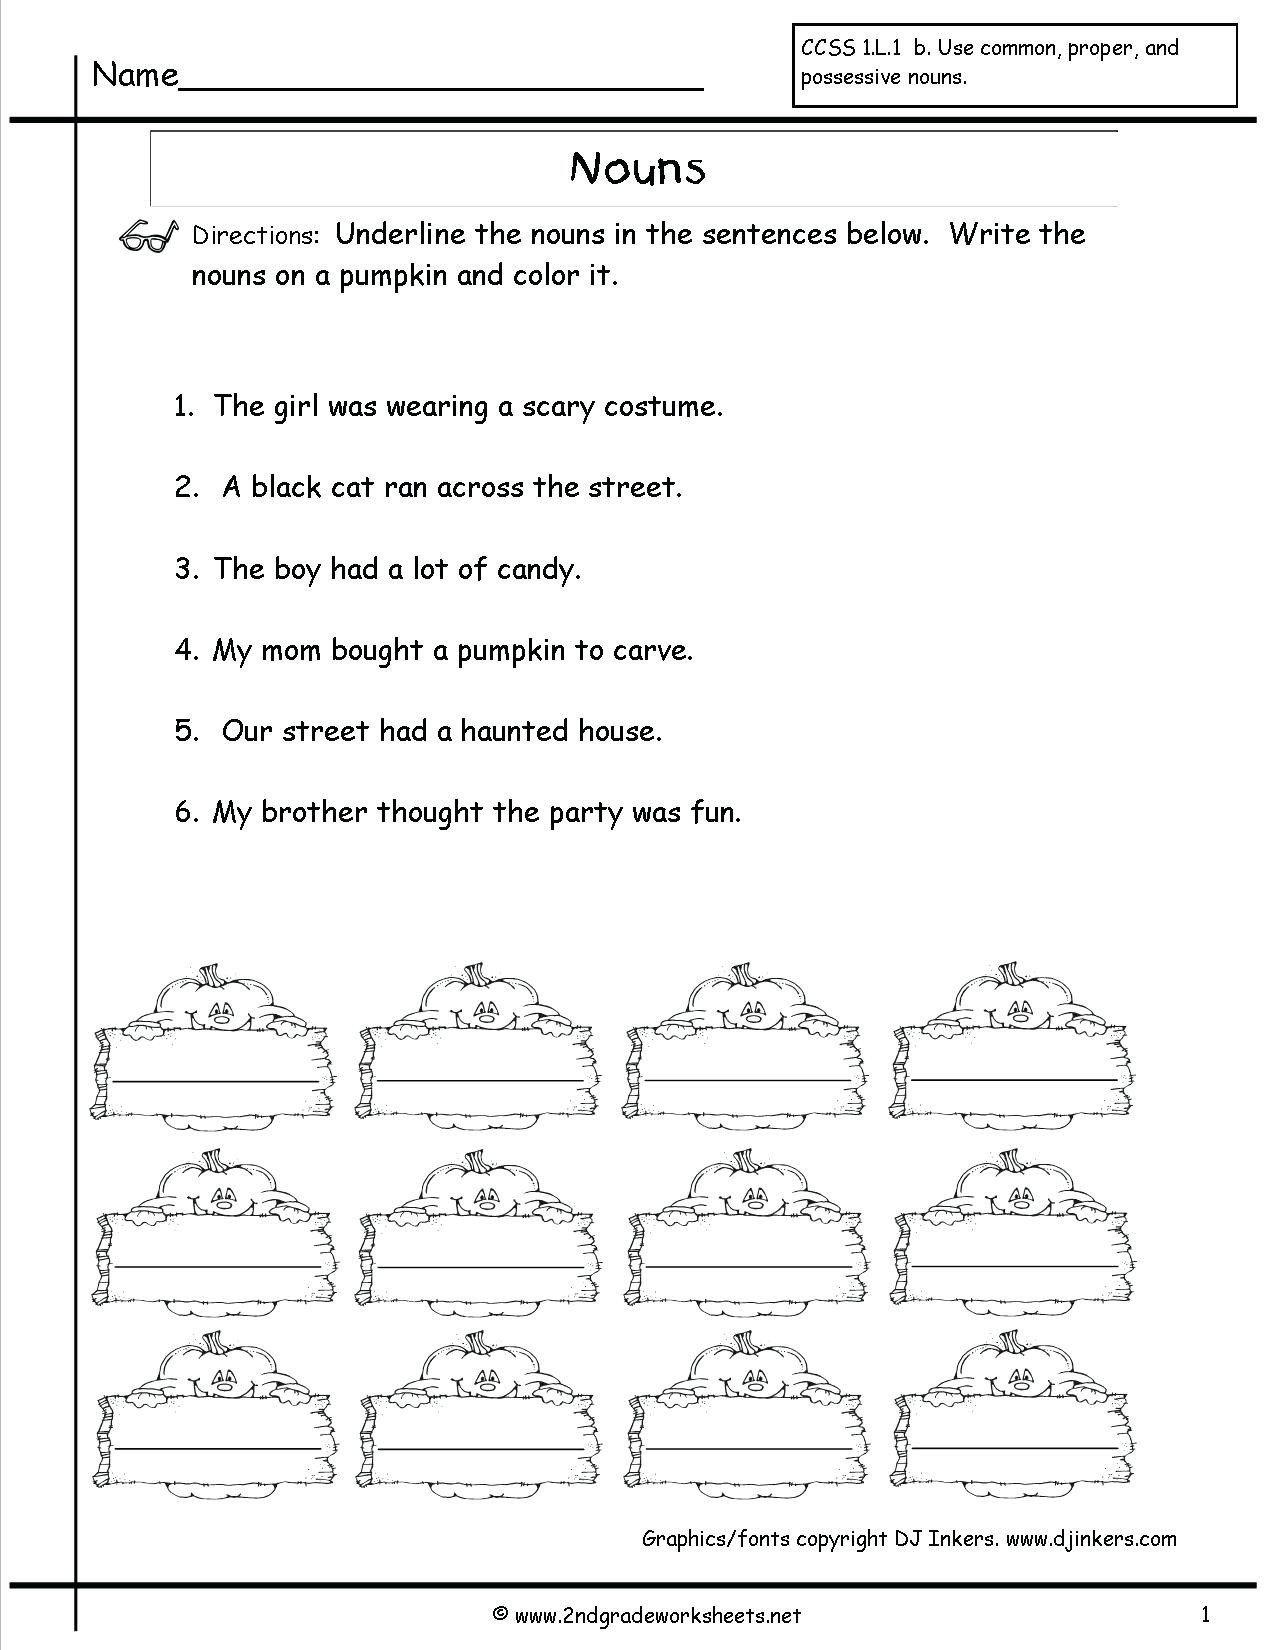 Possessive Noun Worksheet 2nd Grade Possessive Case Nouns Worksheet 2020